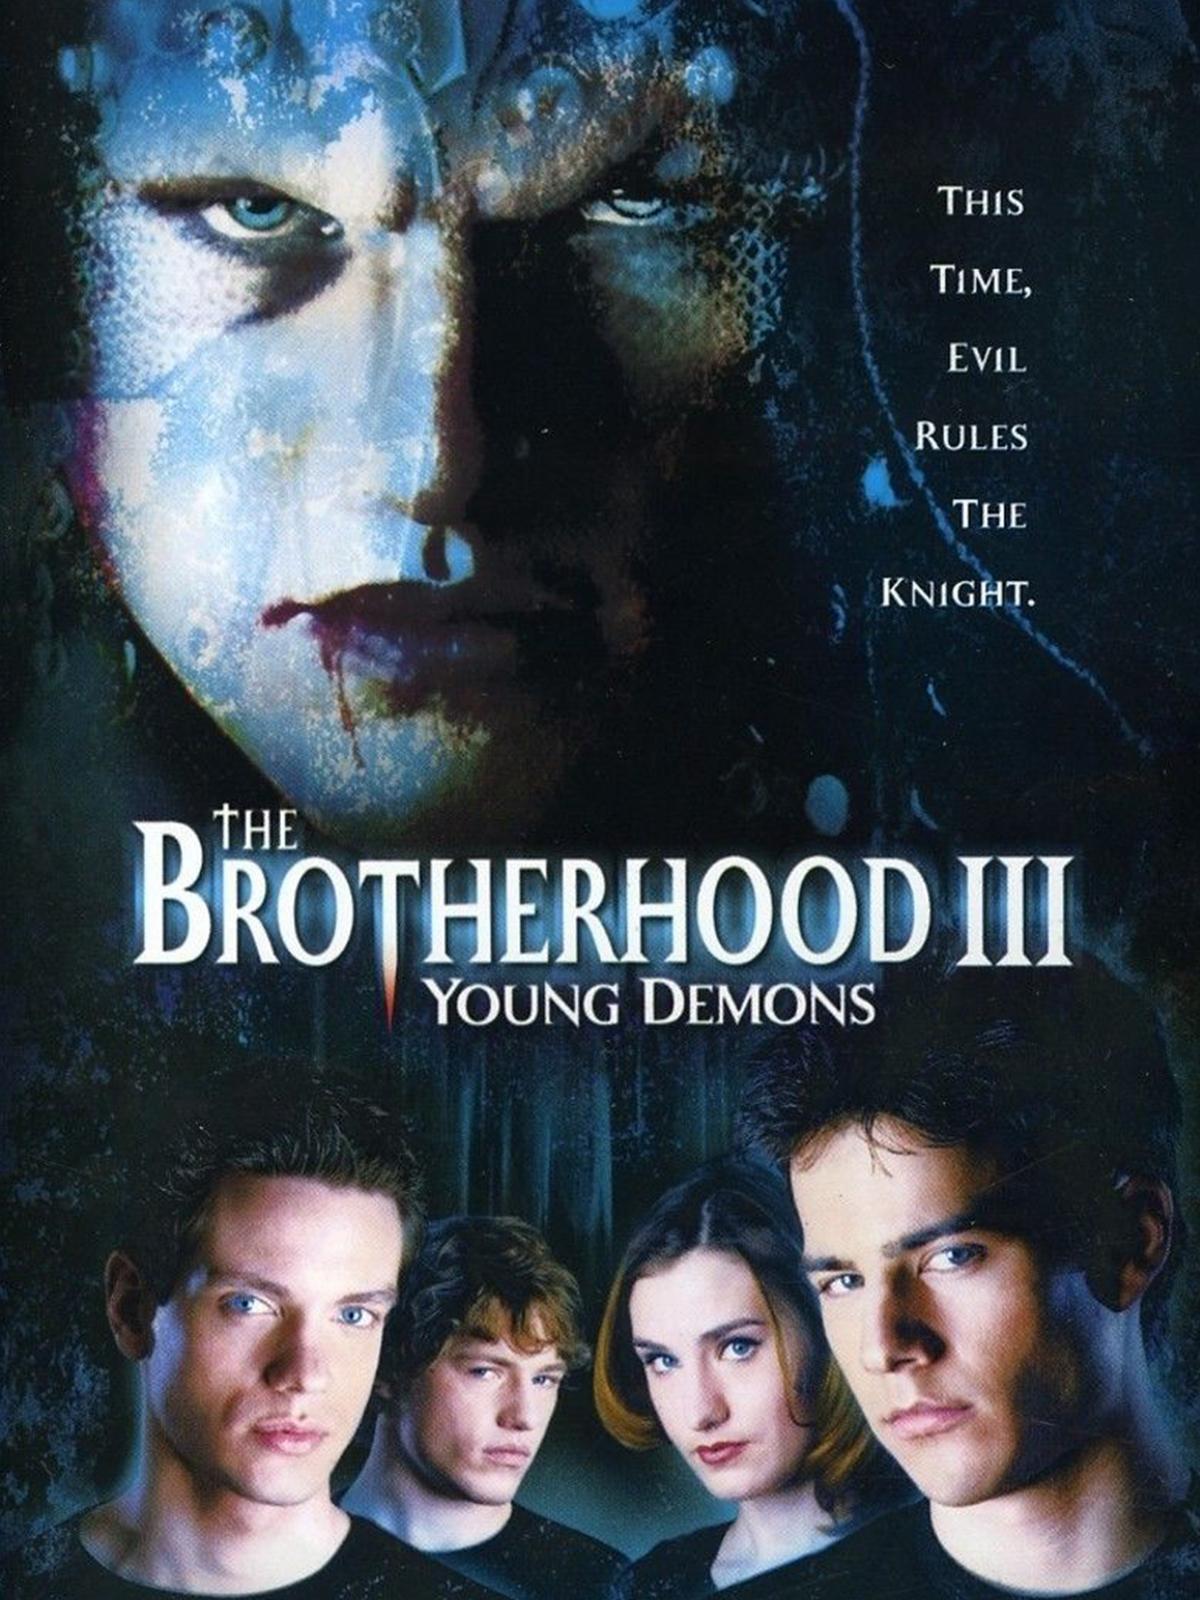 Here-Brotherhood3-Full-Image-en-US.jpg